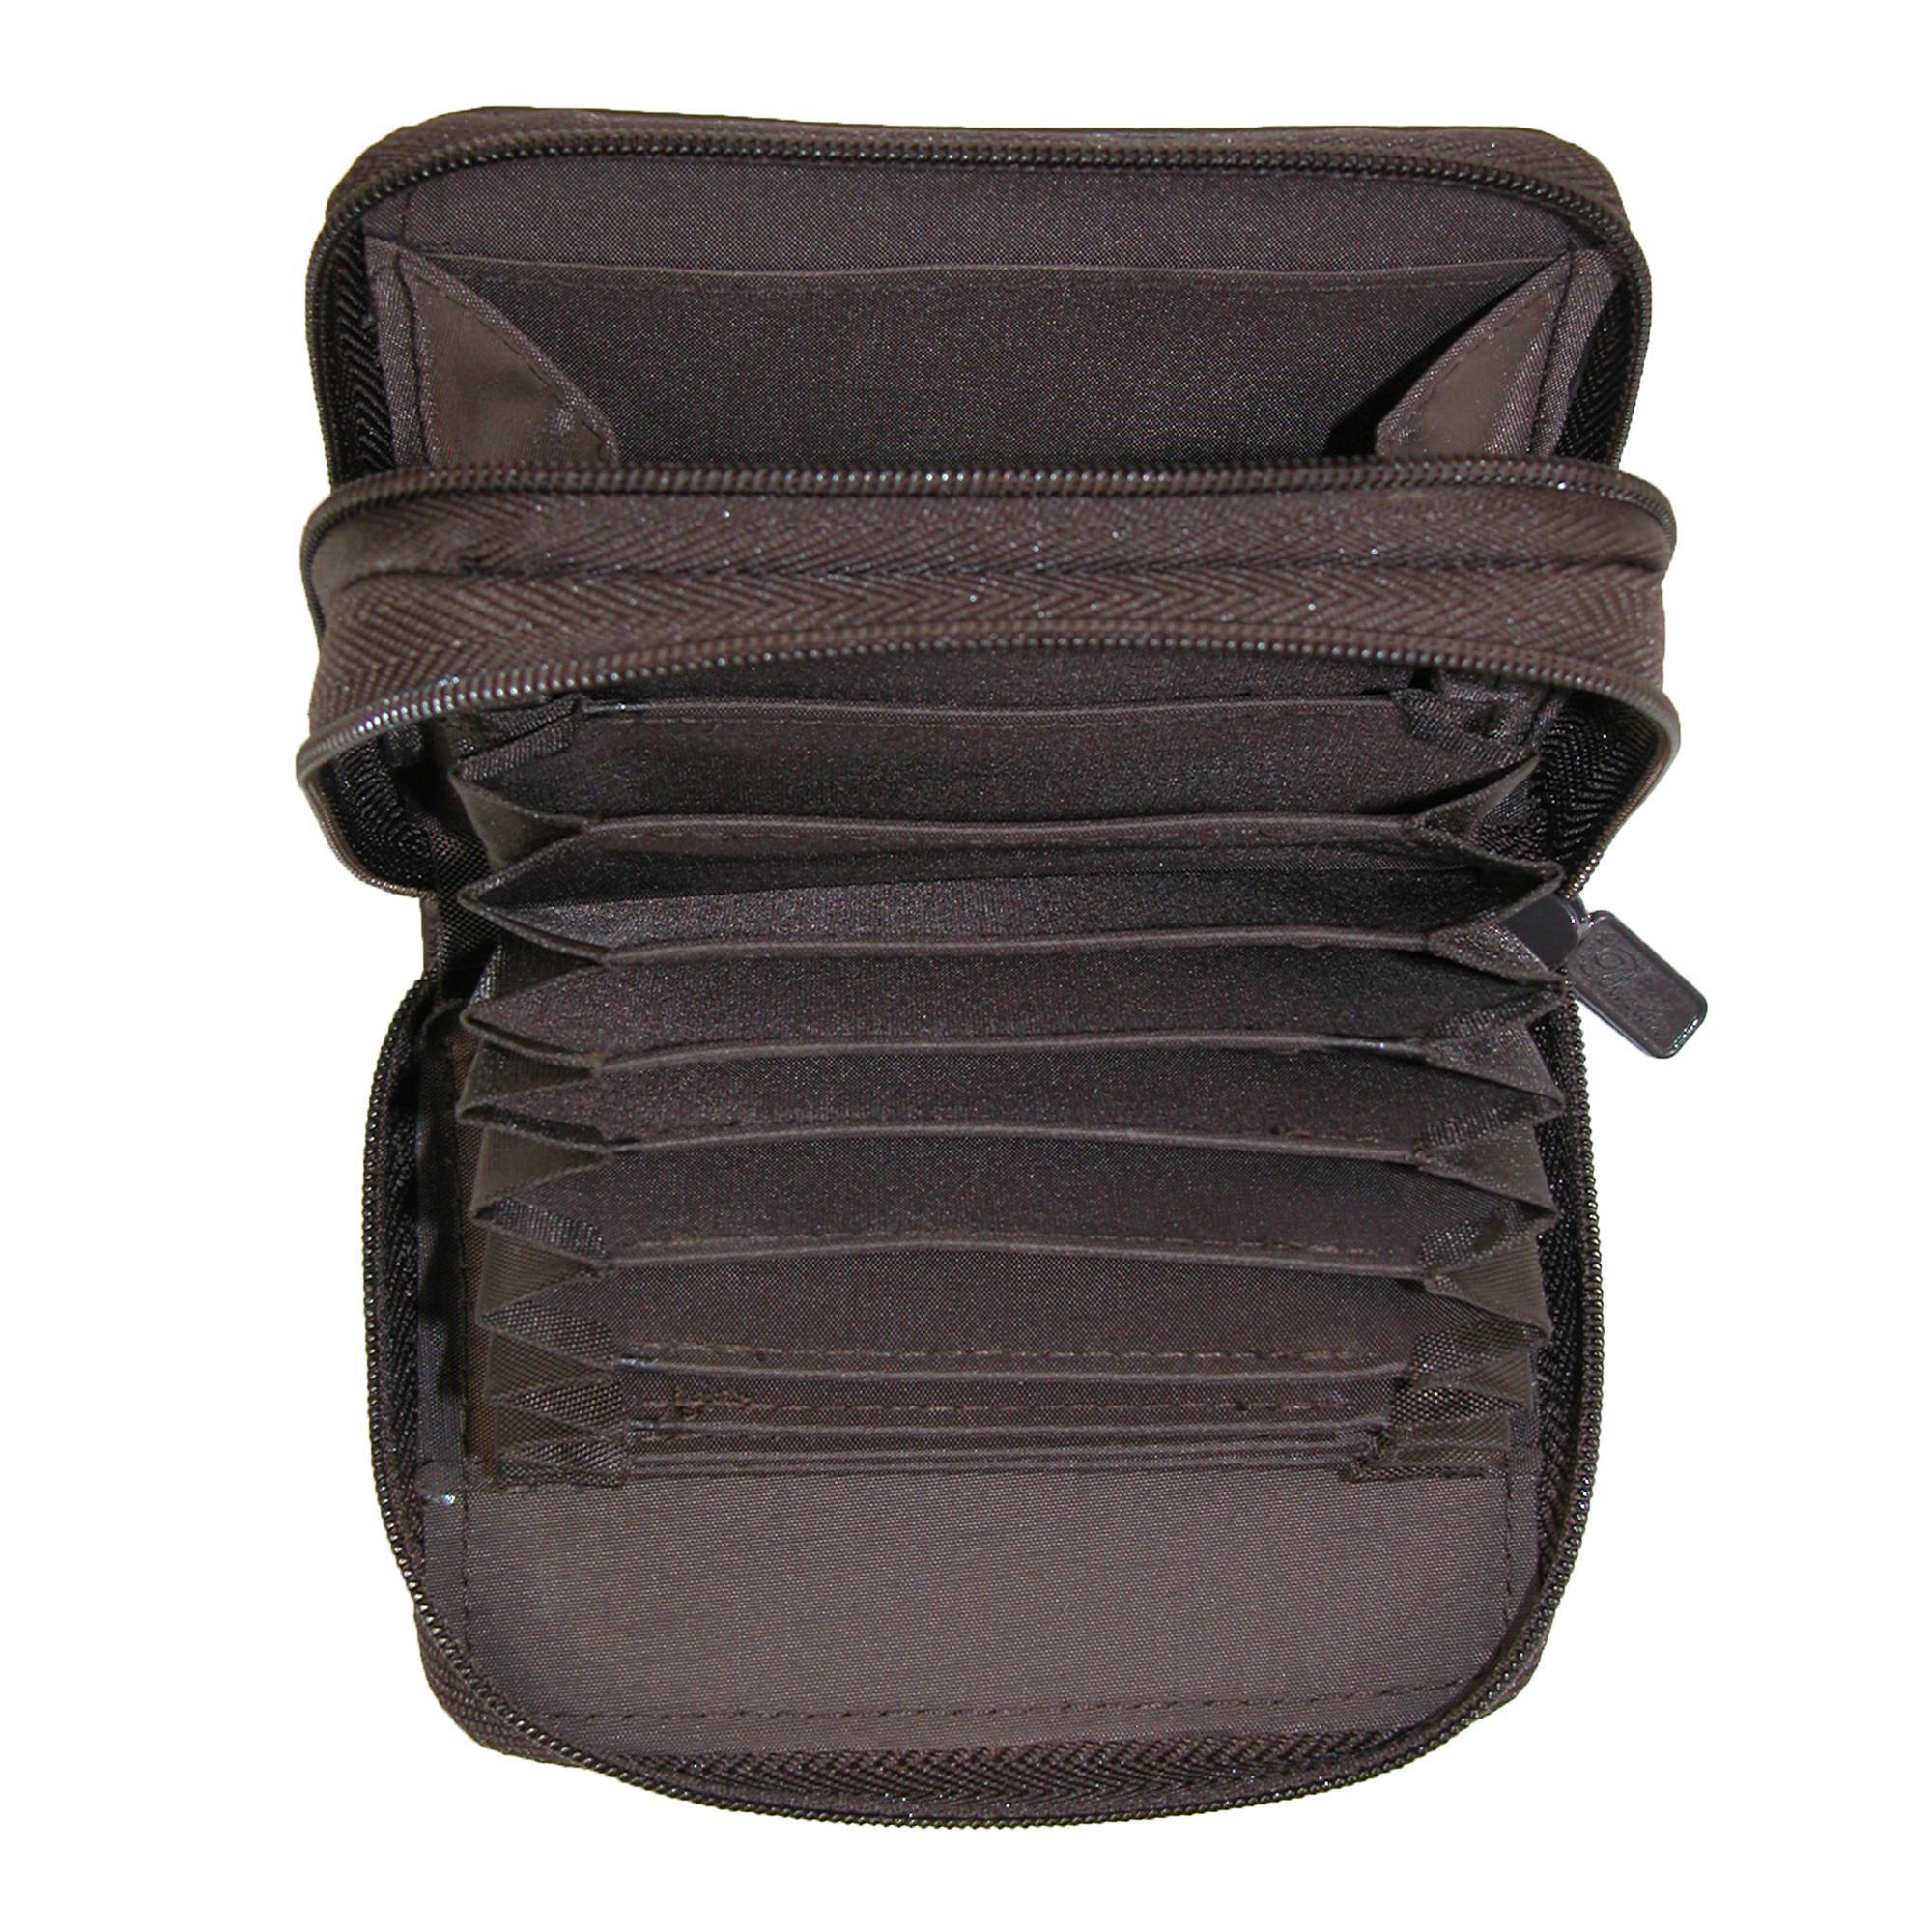 New-Buxton-Women-039-s-Leather-Mini-Accordion-Wizard-Wallet thumbnail 6